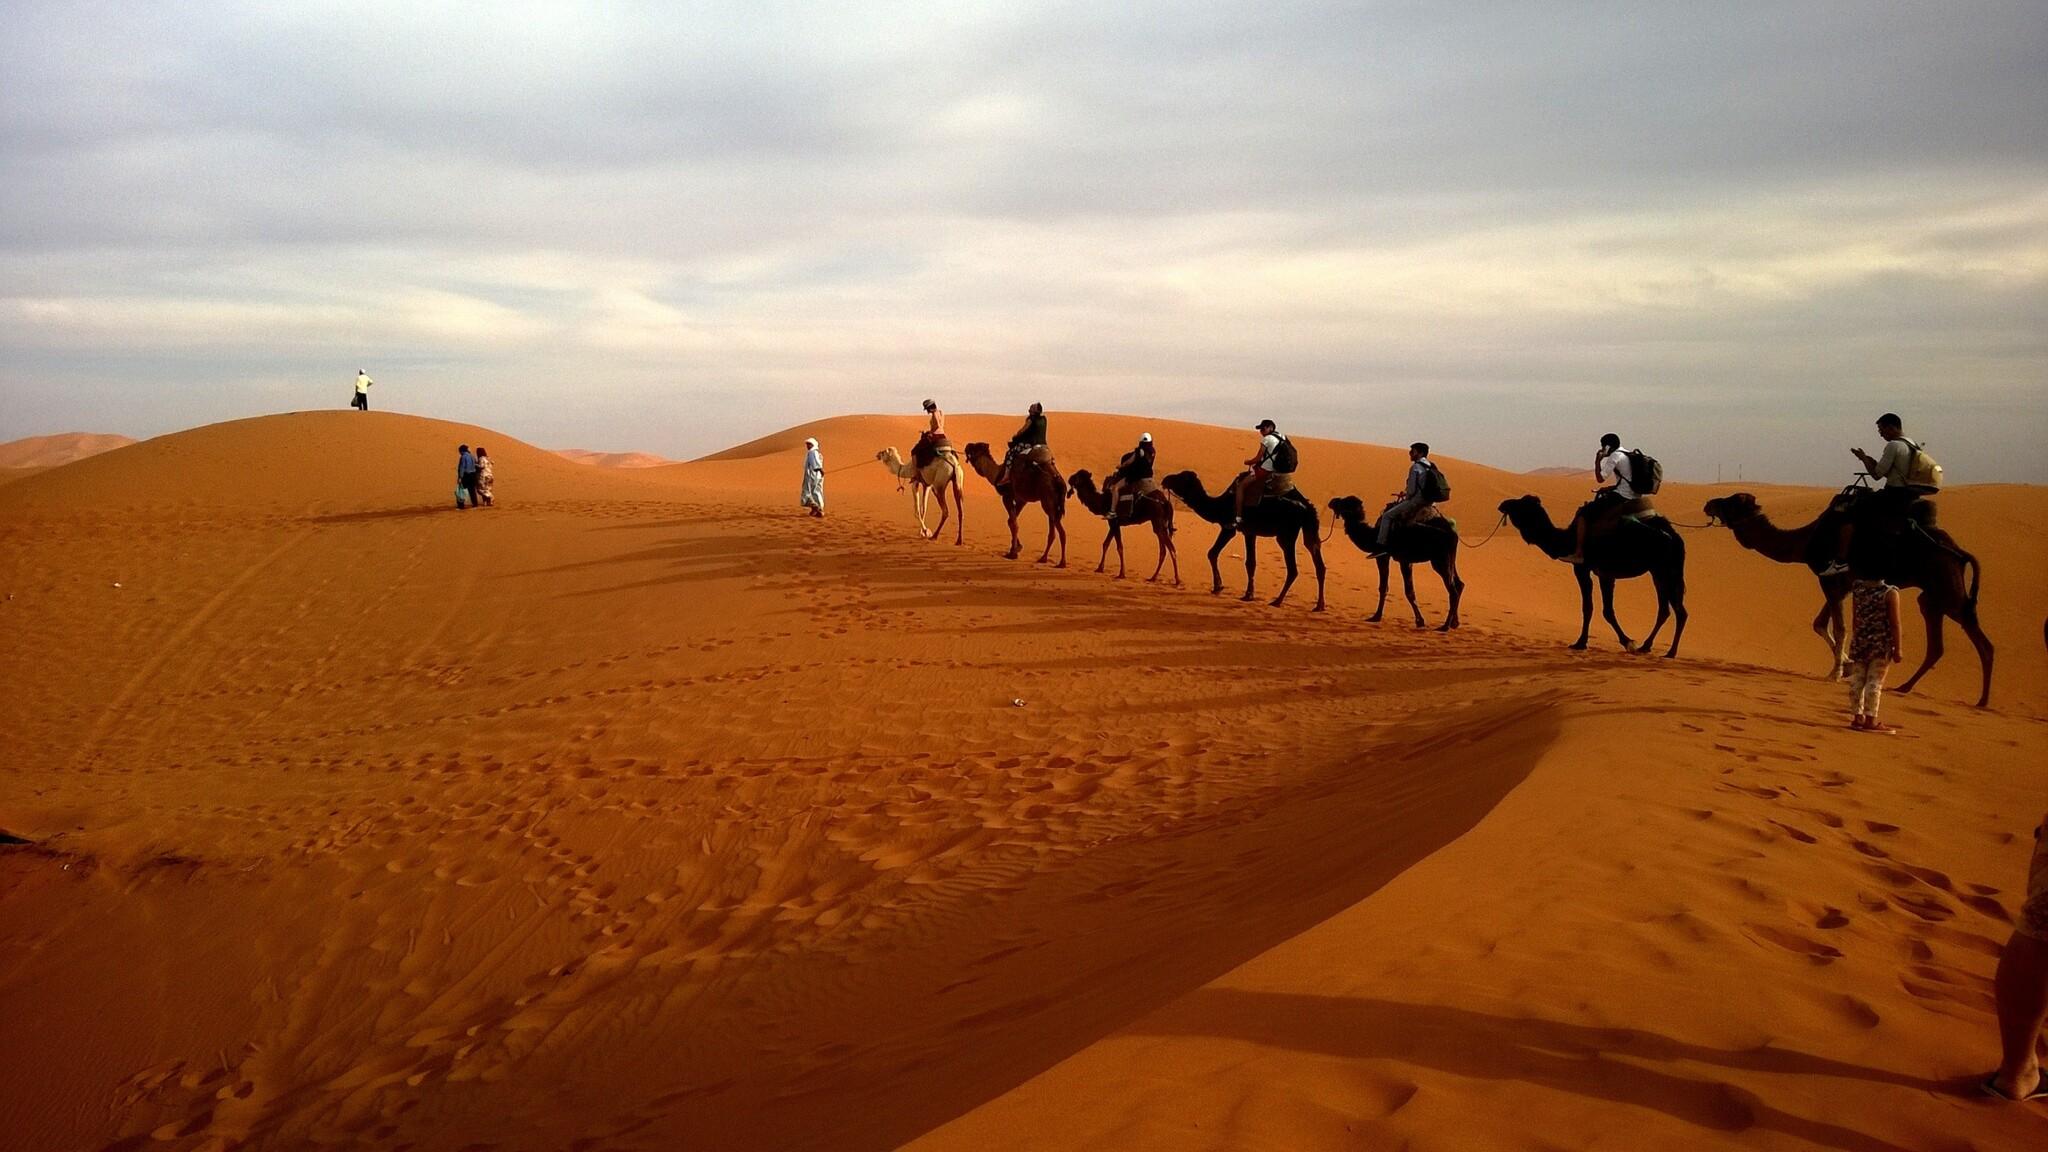 2048x1152 Camels In Caravan Desert 2048x1152 Resolution Hd